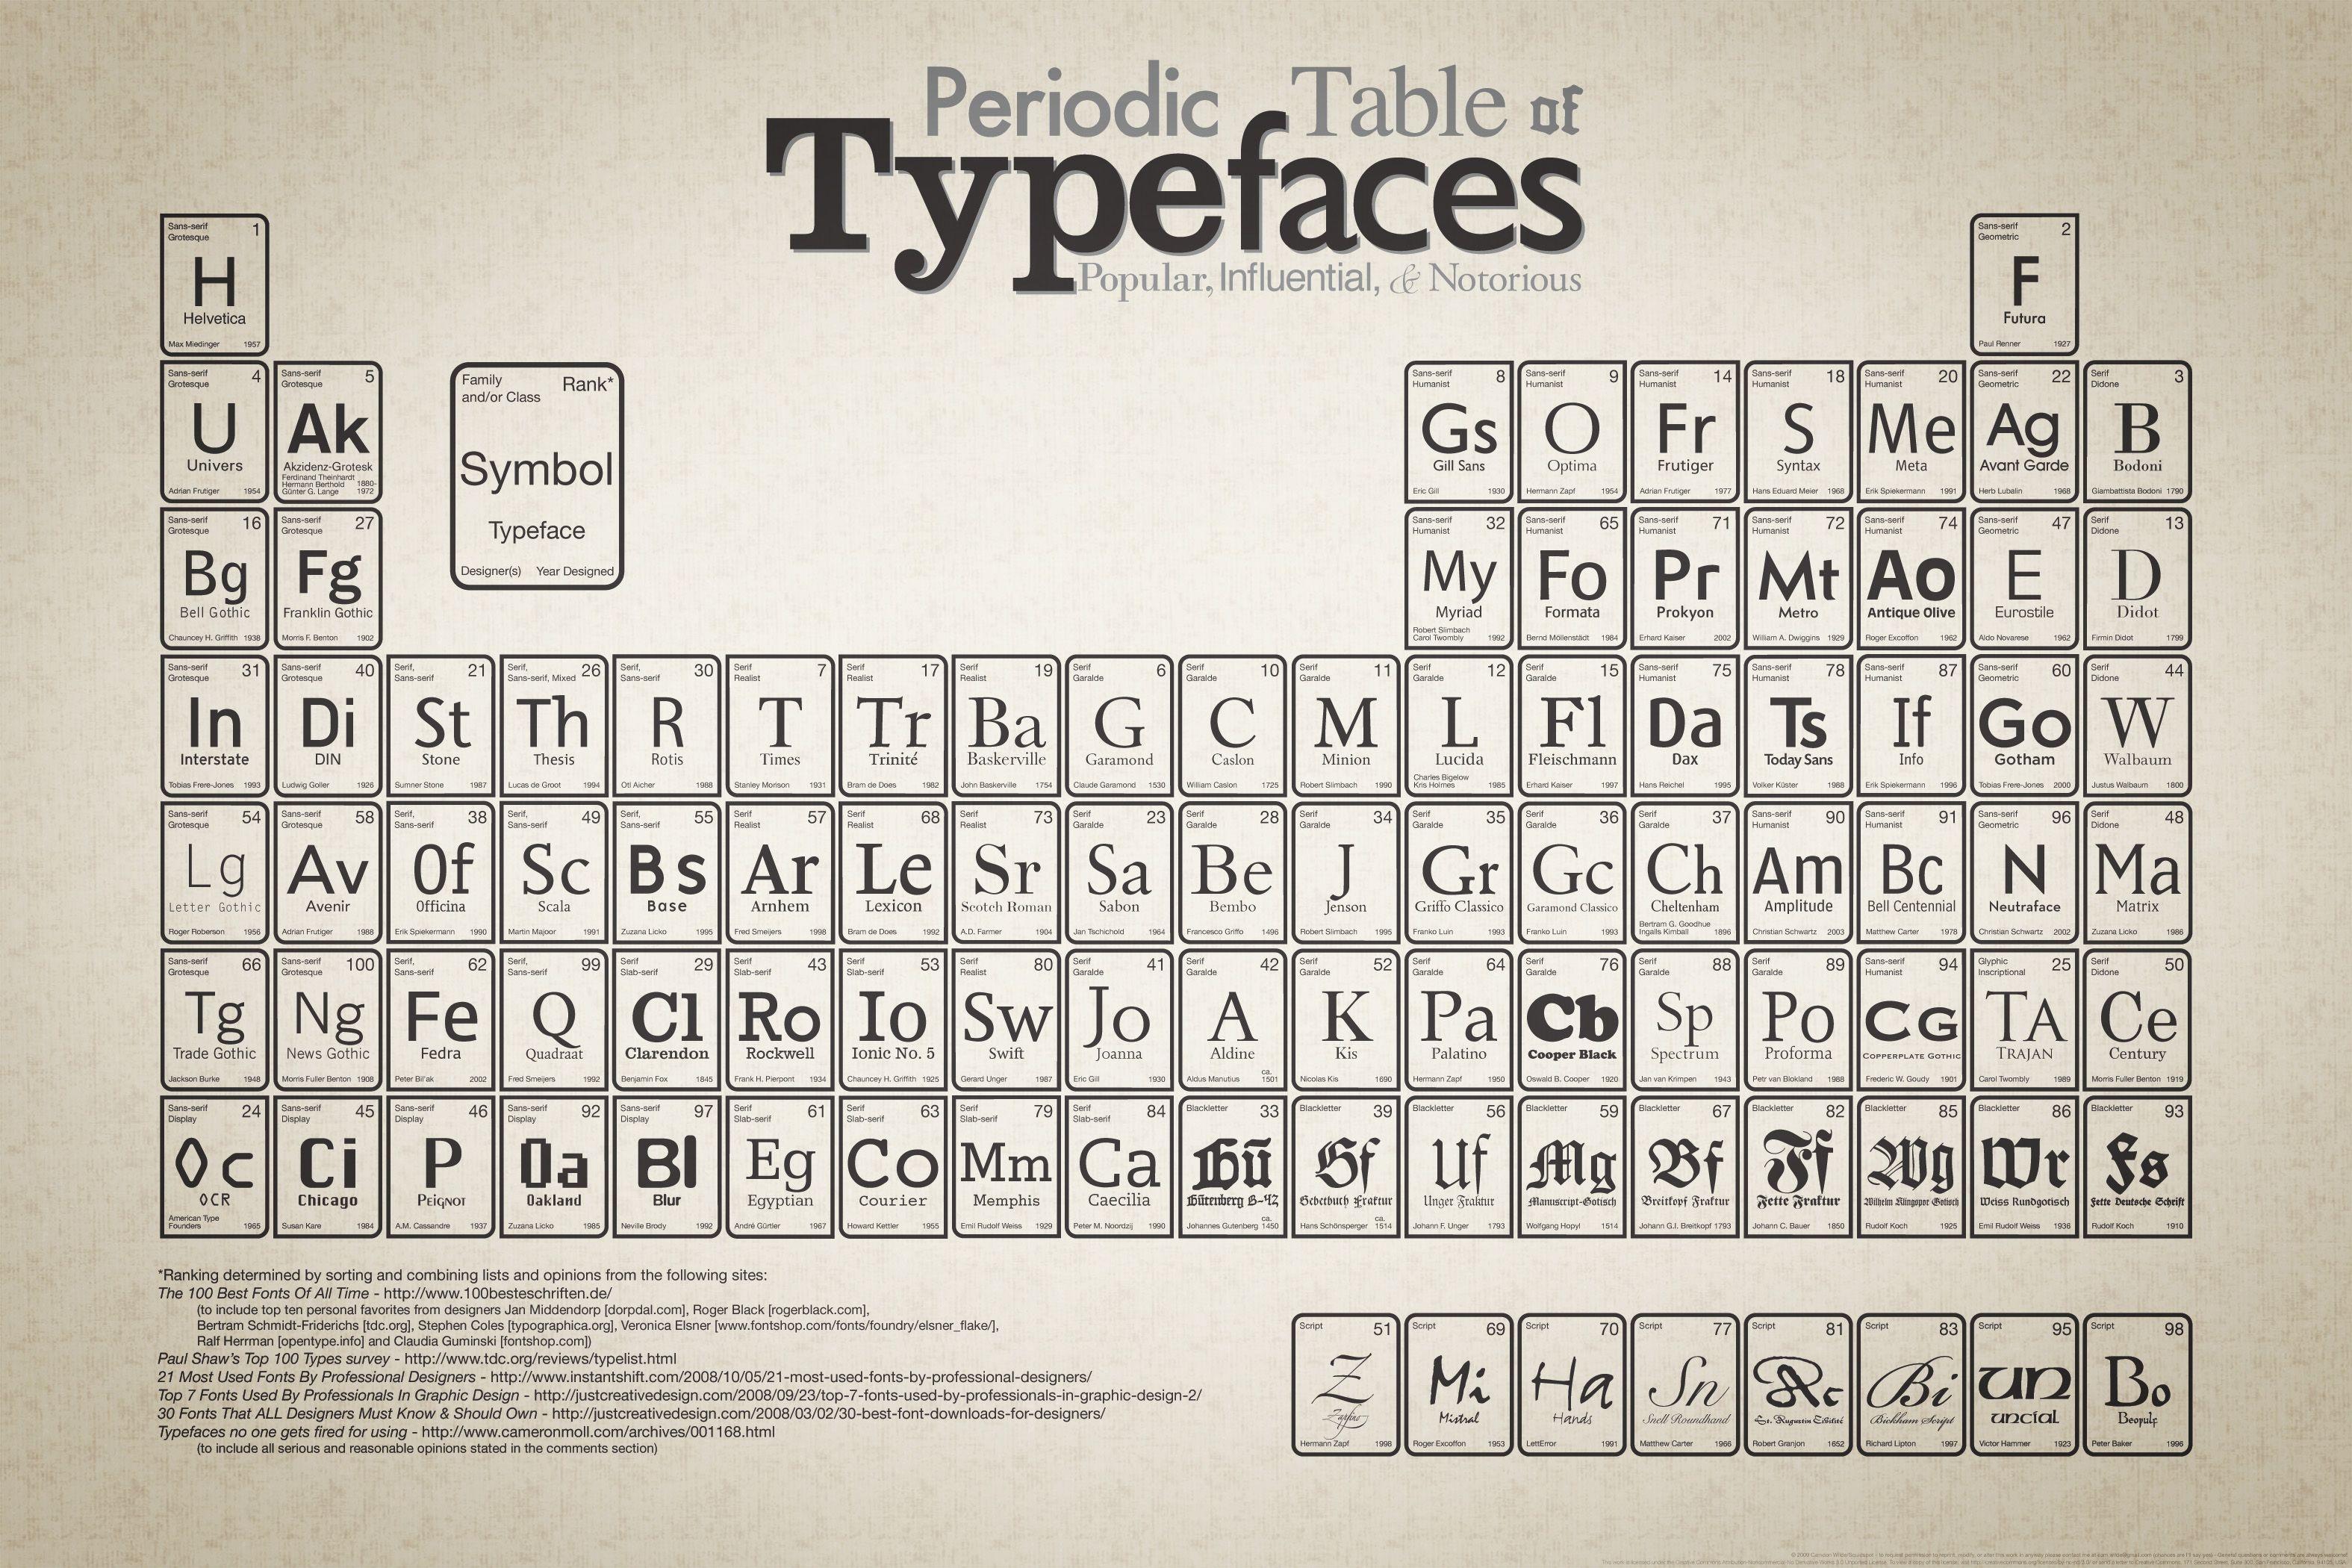 Cam Wilde's periodic table of typefaces